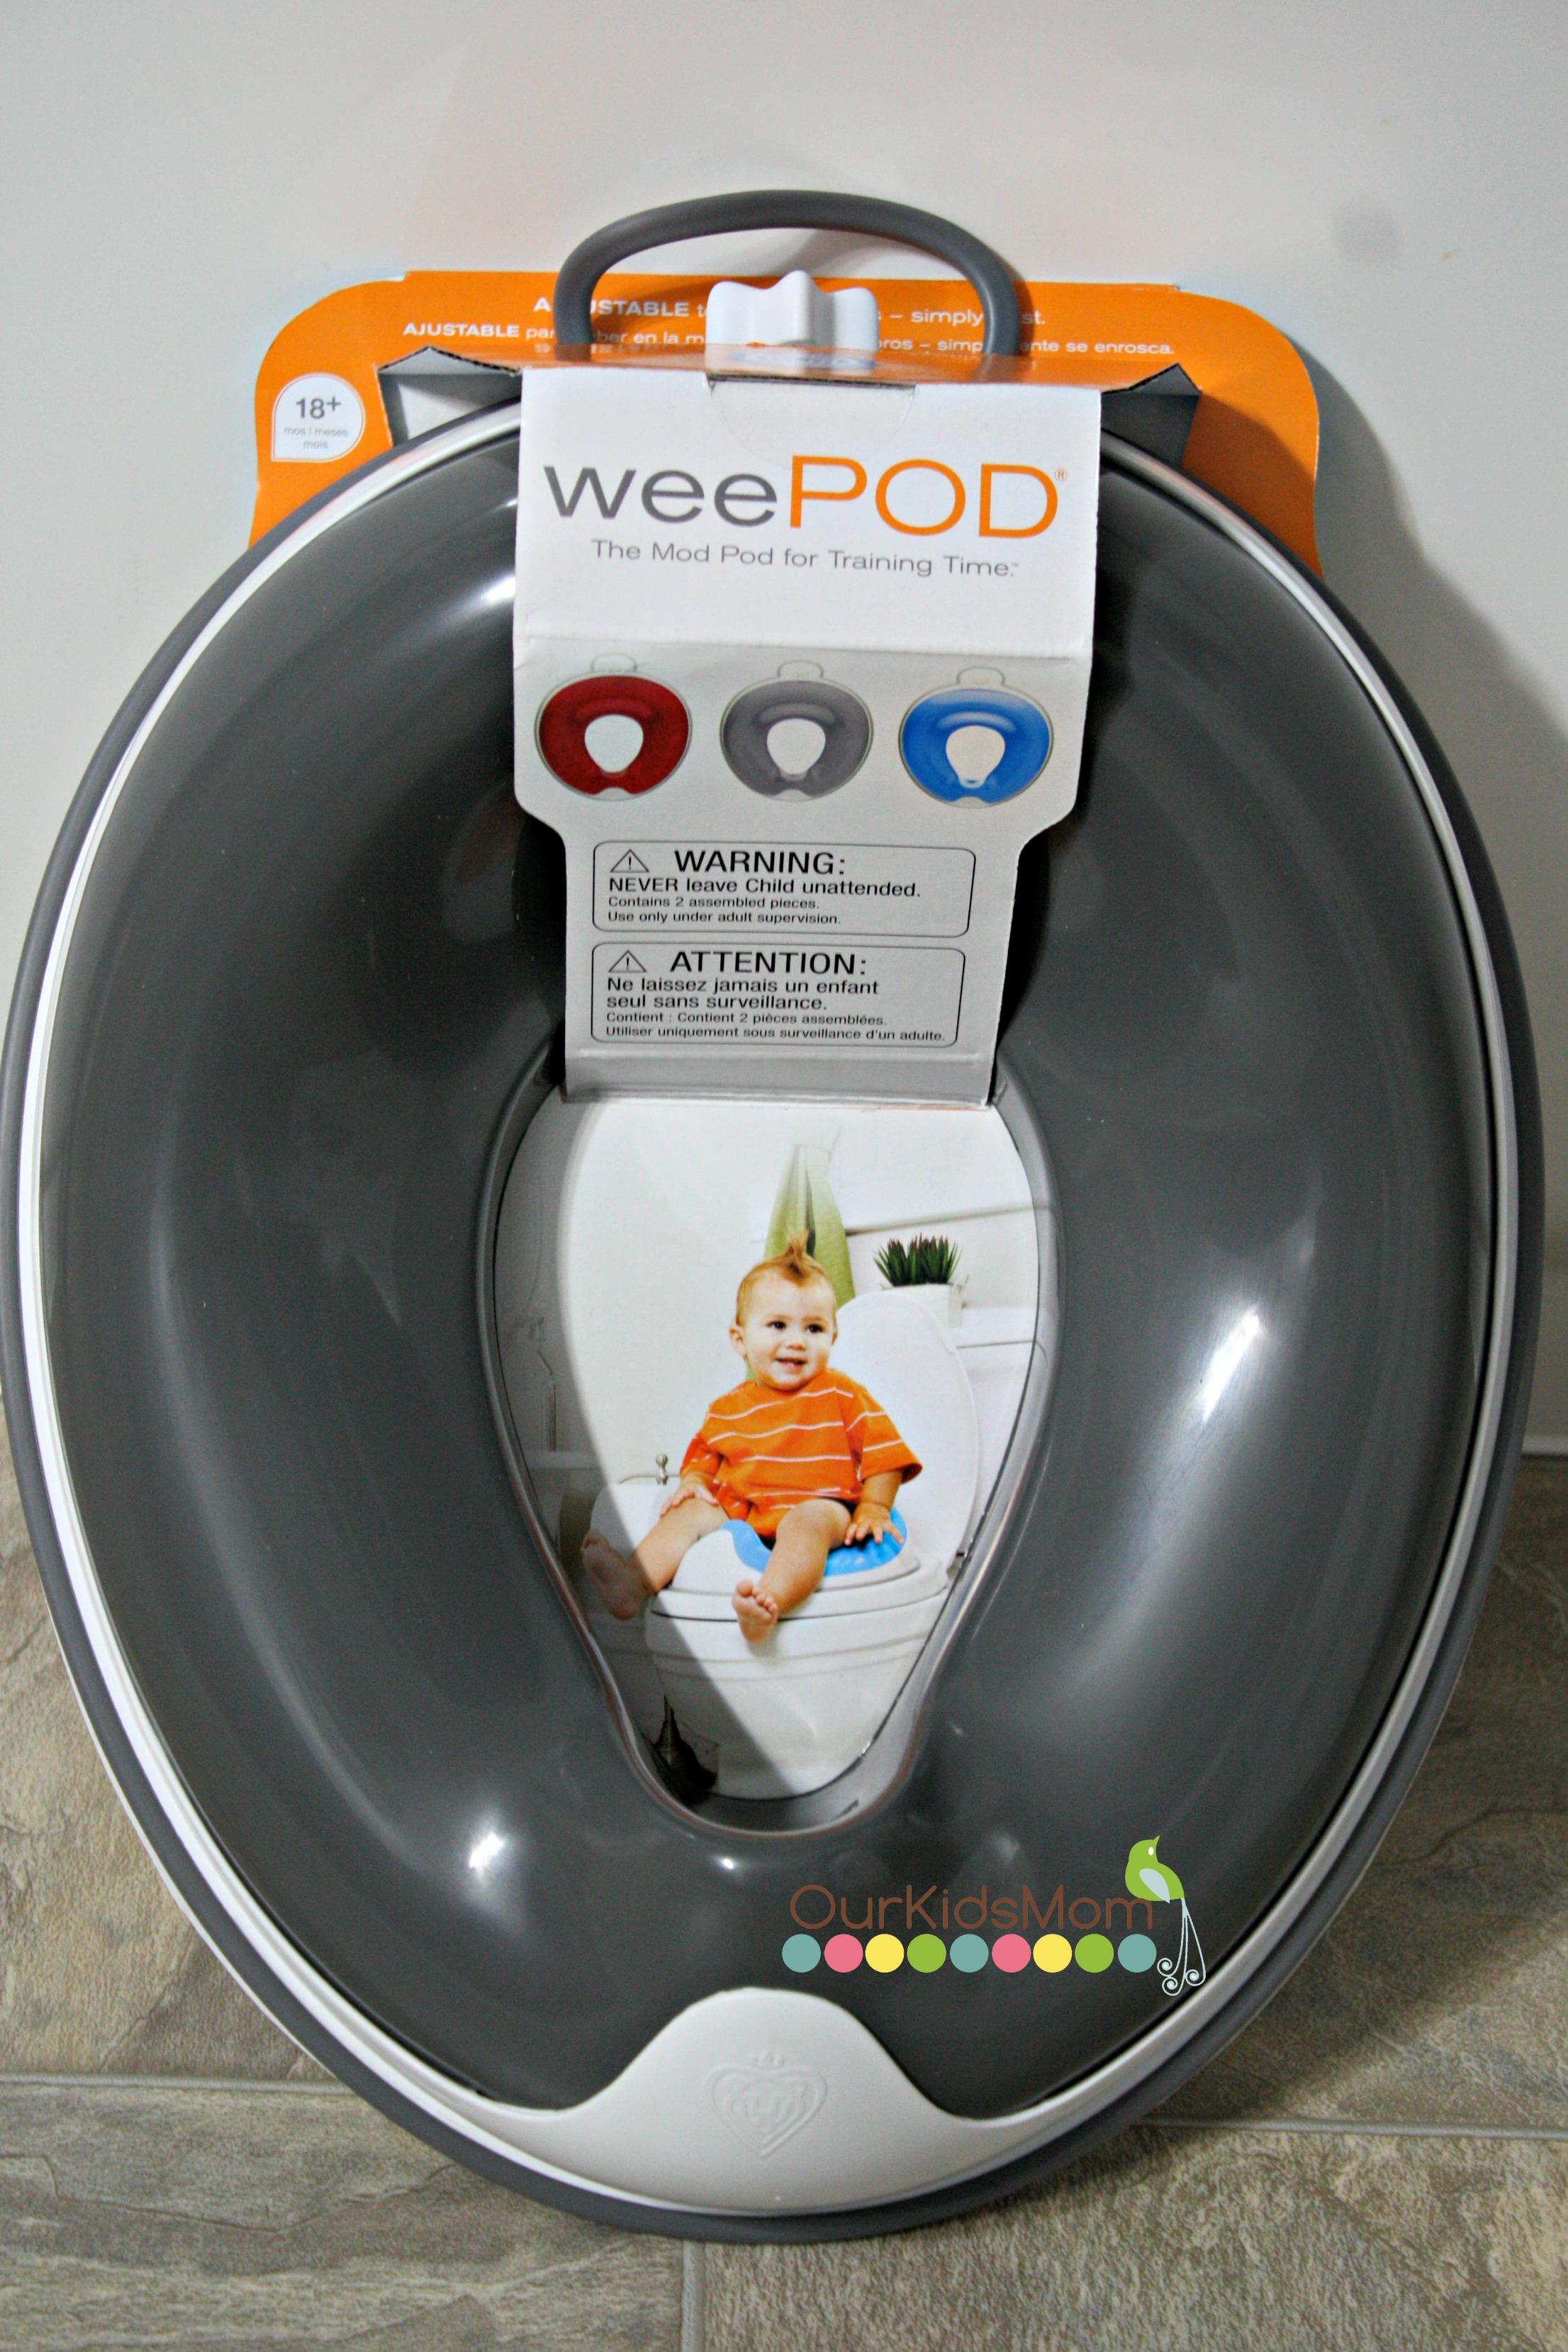 WeePOD